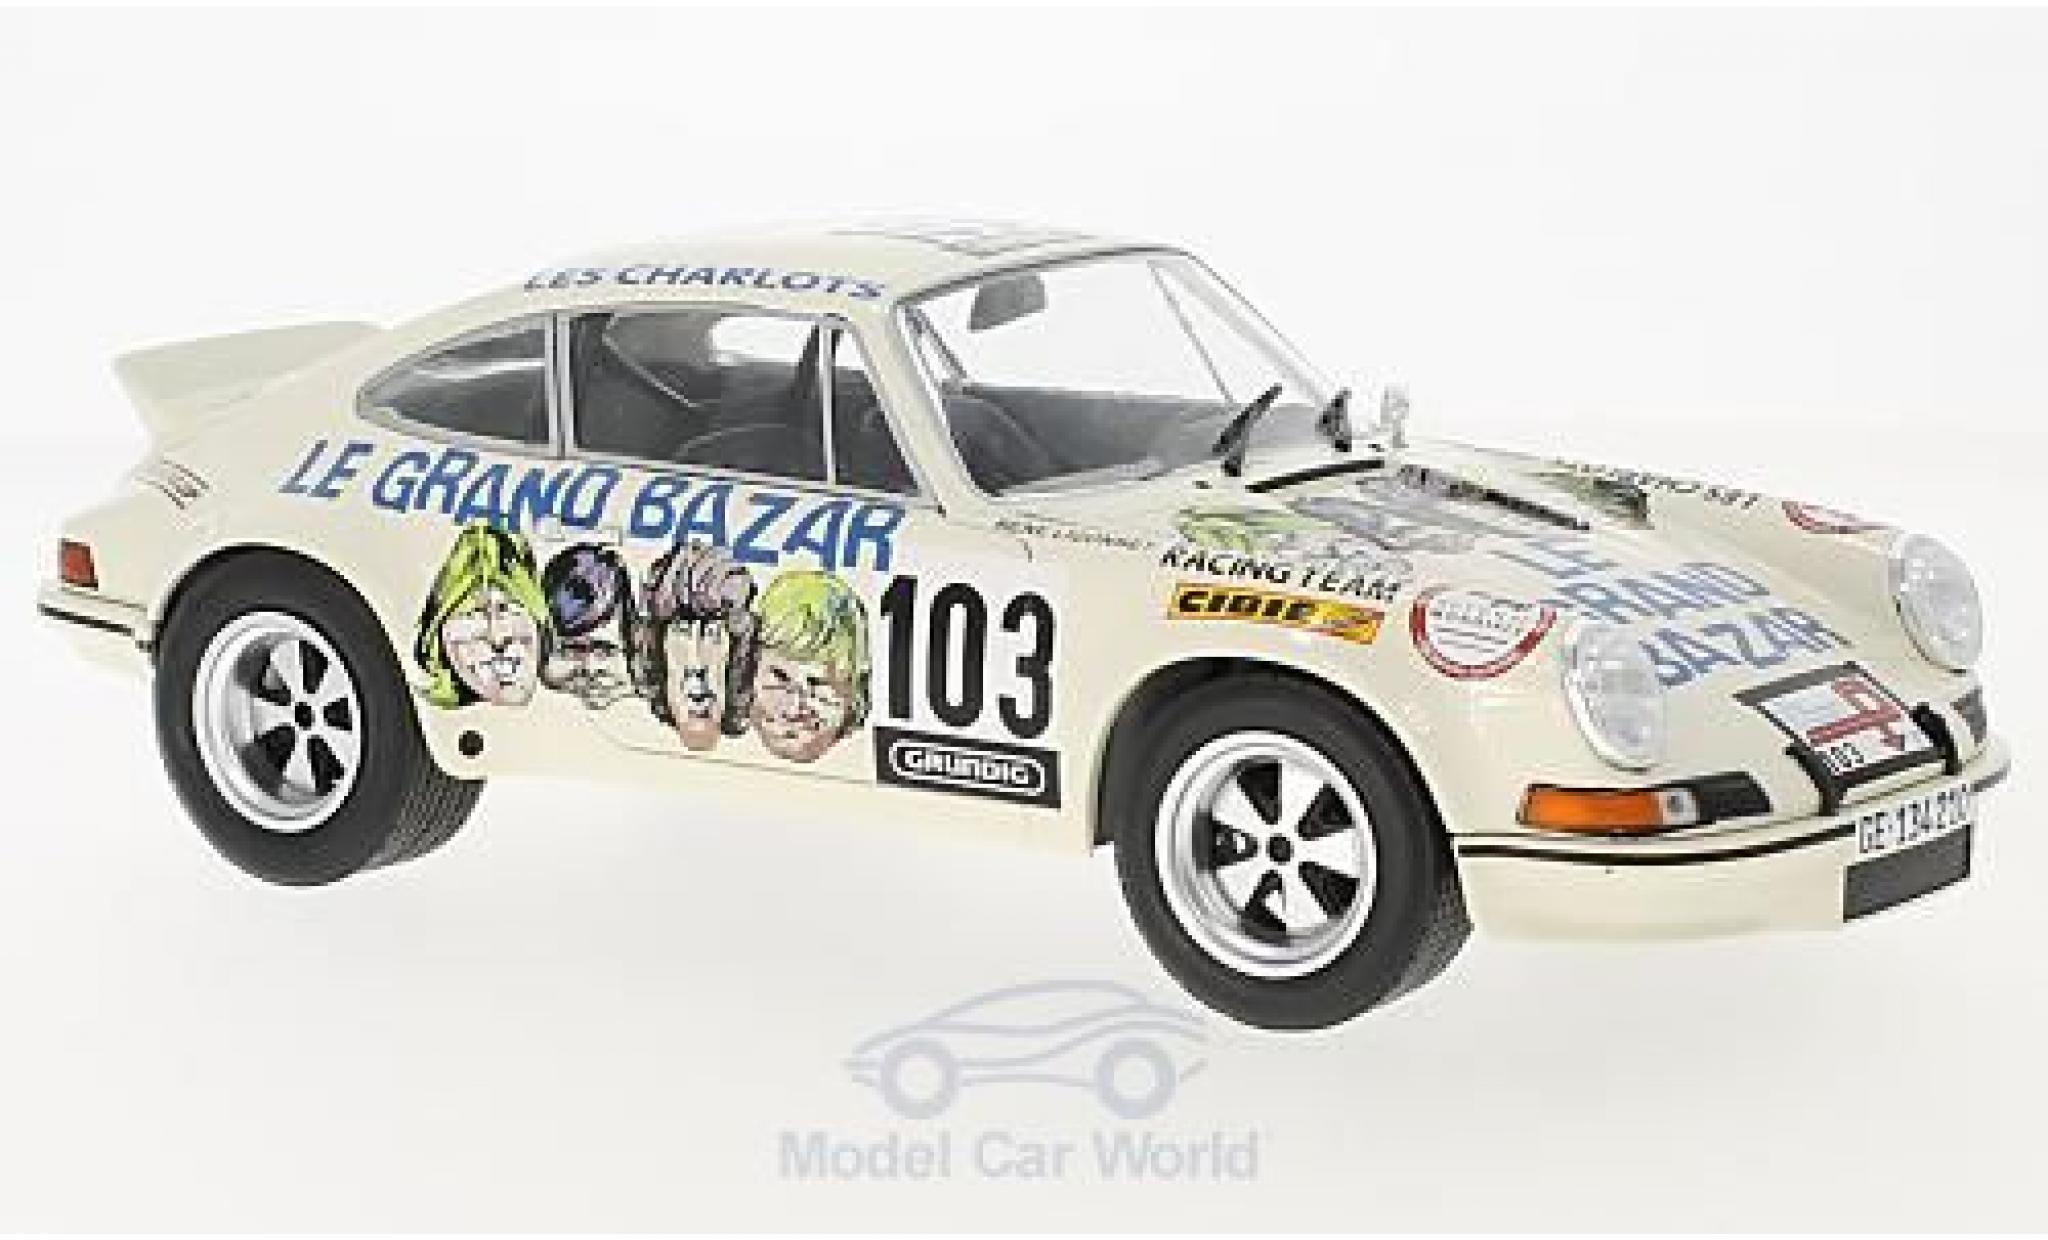 Porsche 911 SC 1/18 Solido RSR No.103 Le Grand Bazar Tour de France Auto 1973 H.Bayard/R.Ligonnet